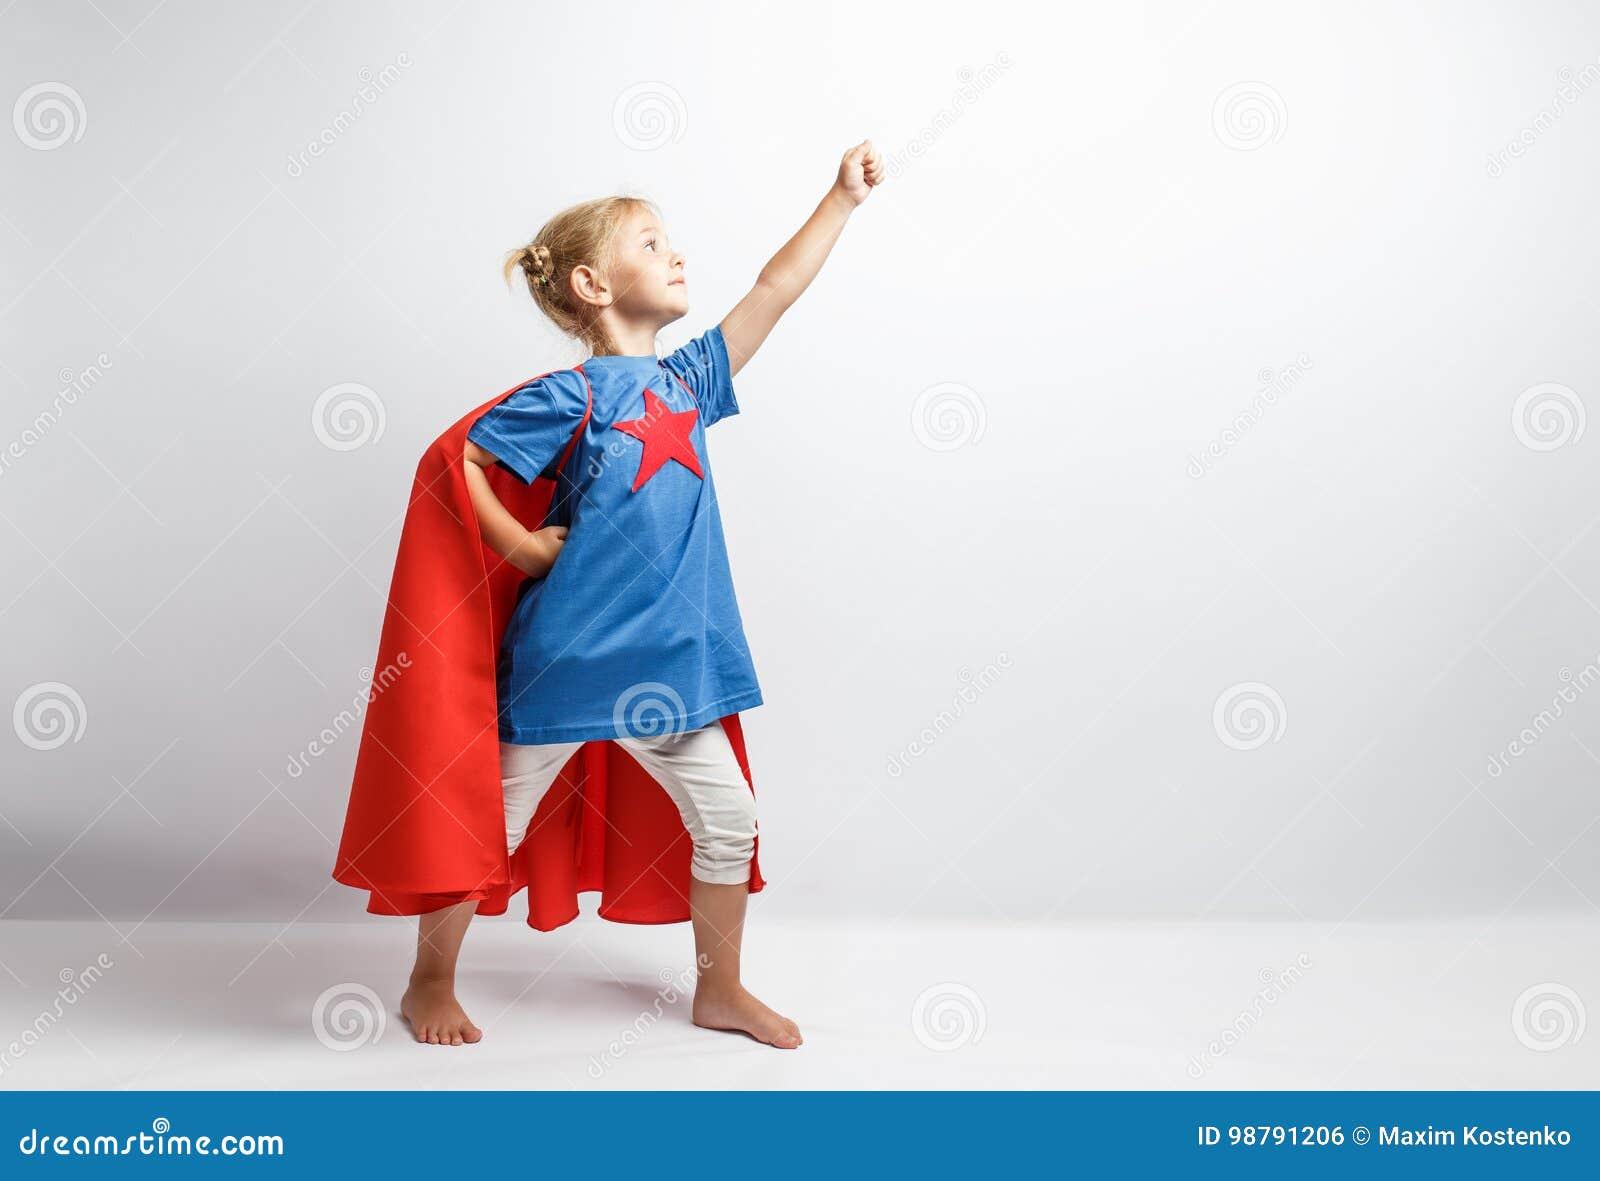 Lilla flickan klädde som superheroen som tillsammans med står den vita väggen